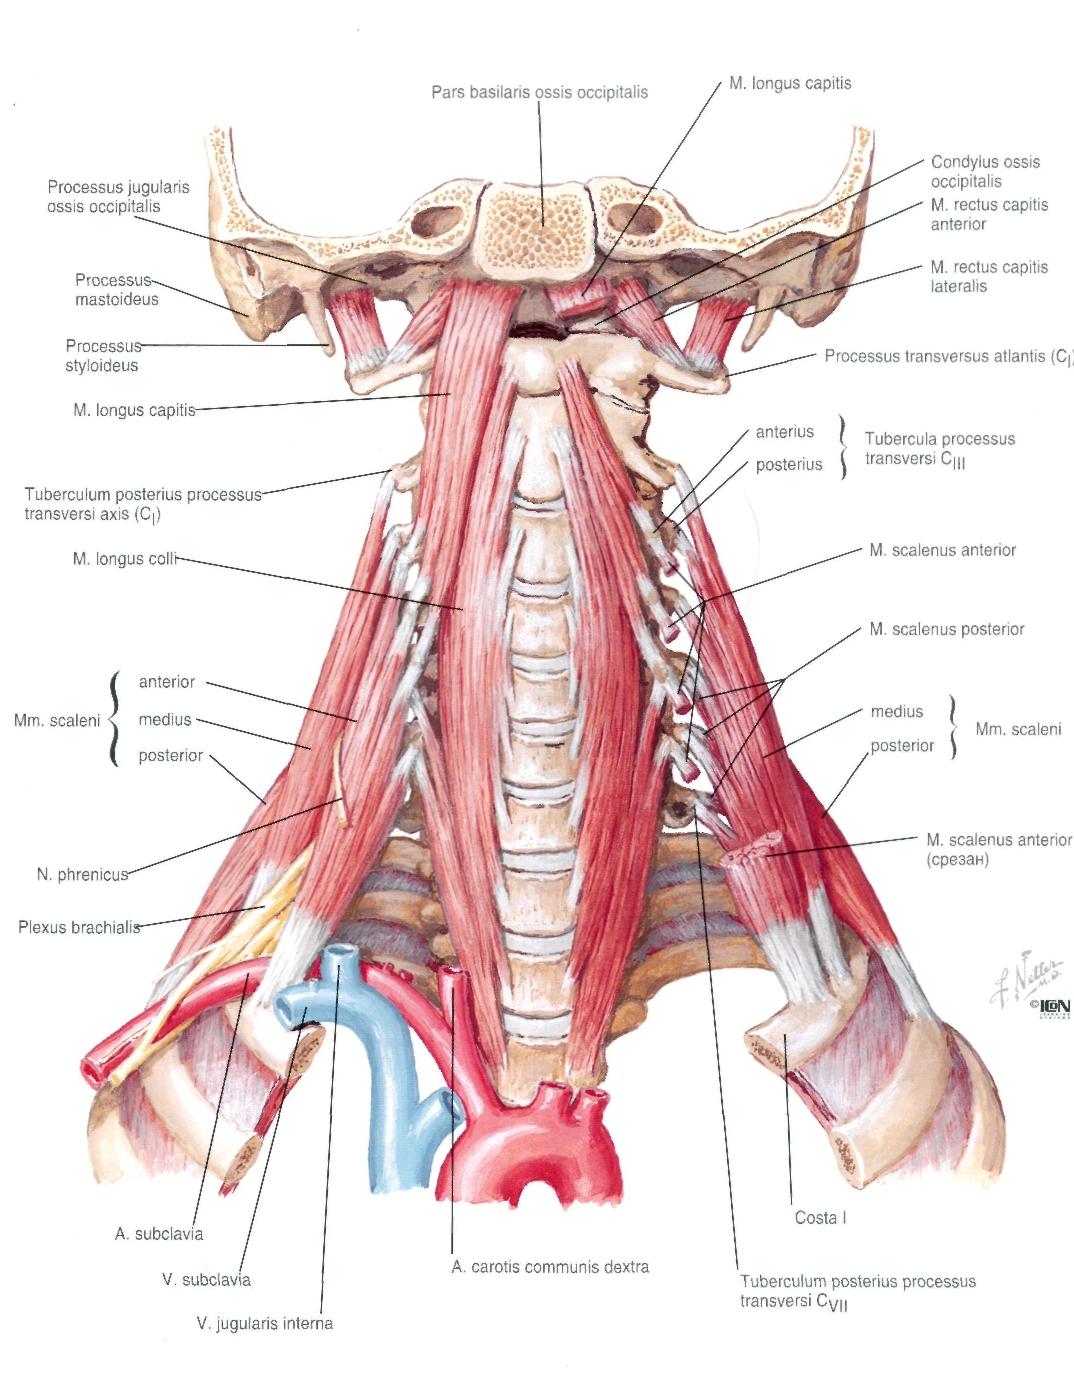 лебедь строение шеи человека фото с описанием спереди что